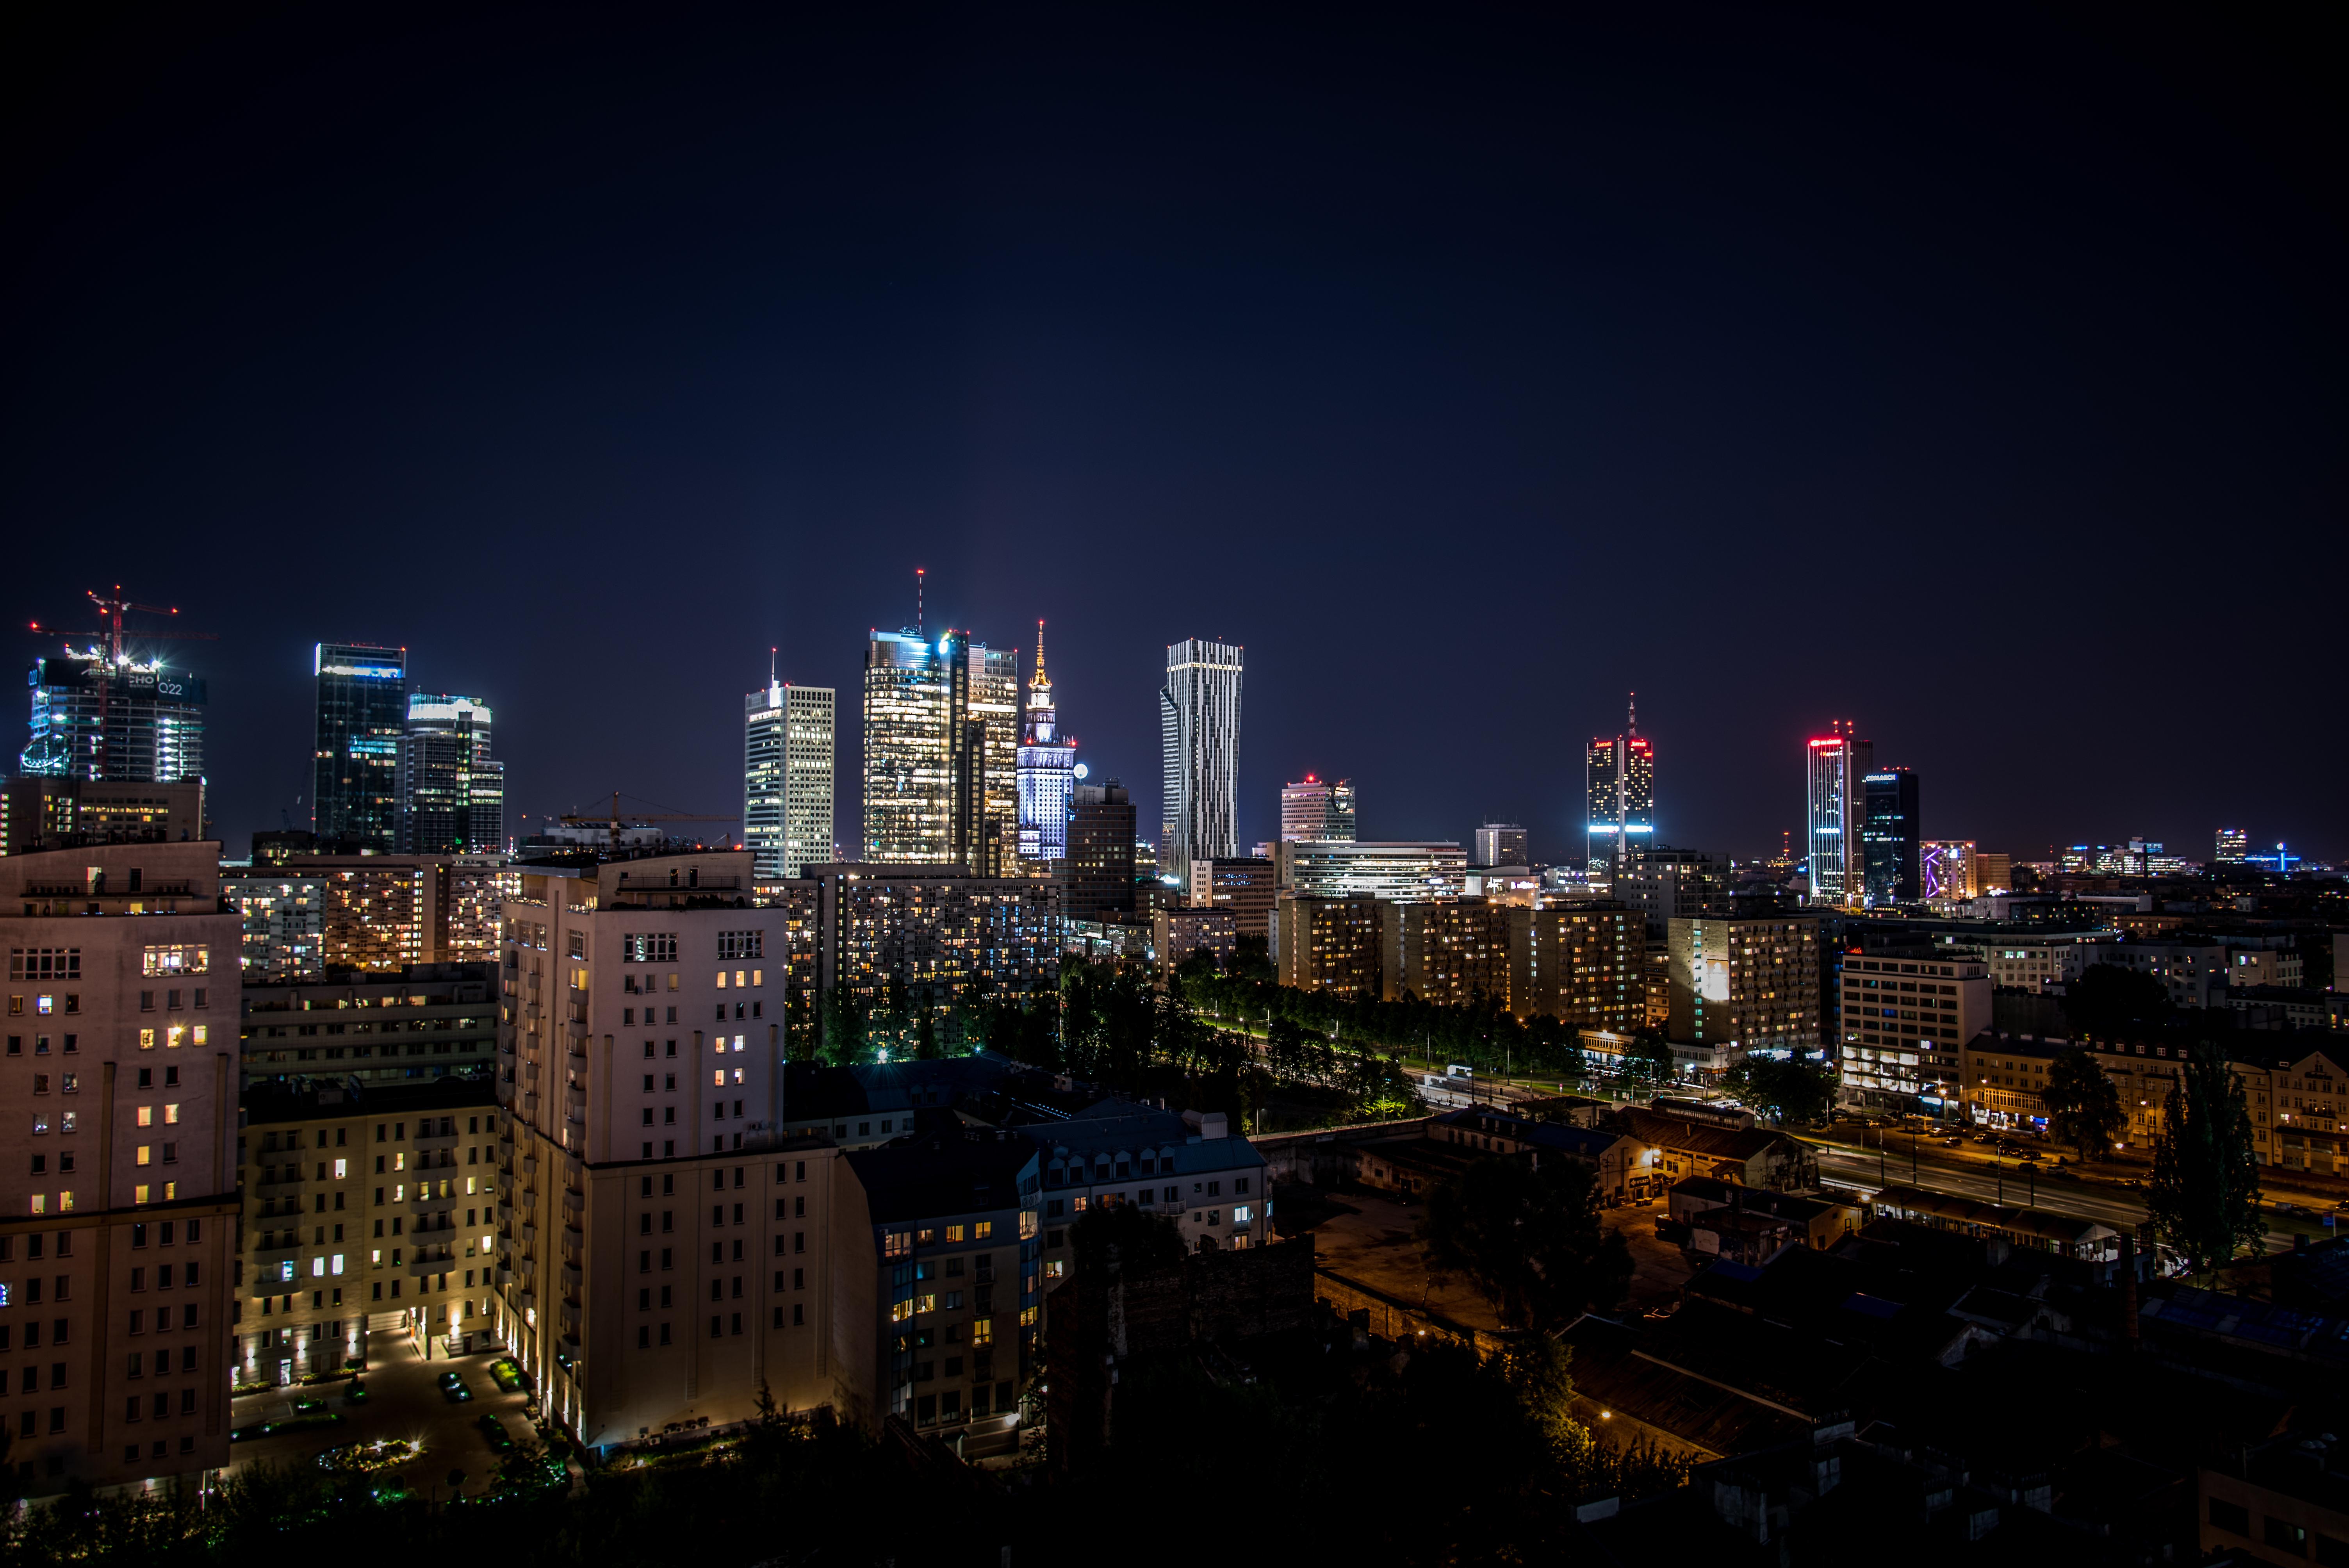 Felgyújtotta magát egy a demokráciát féltő tiltakozó Varsóban